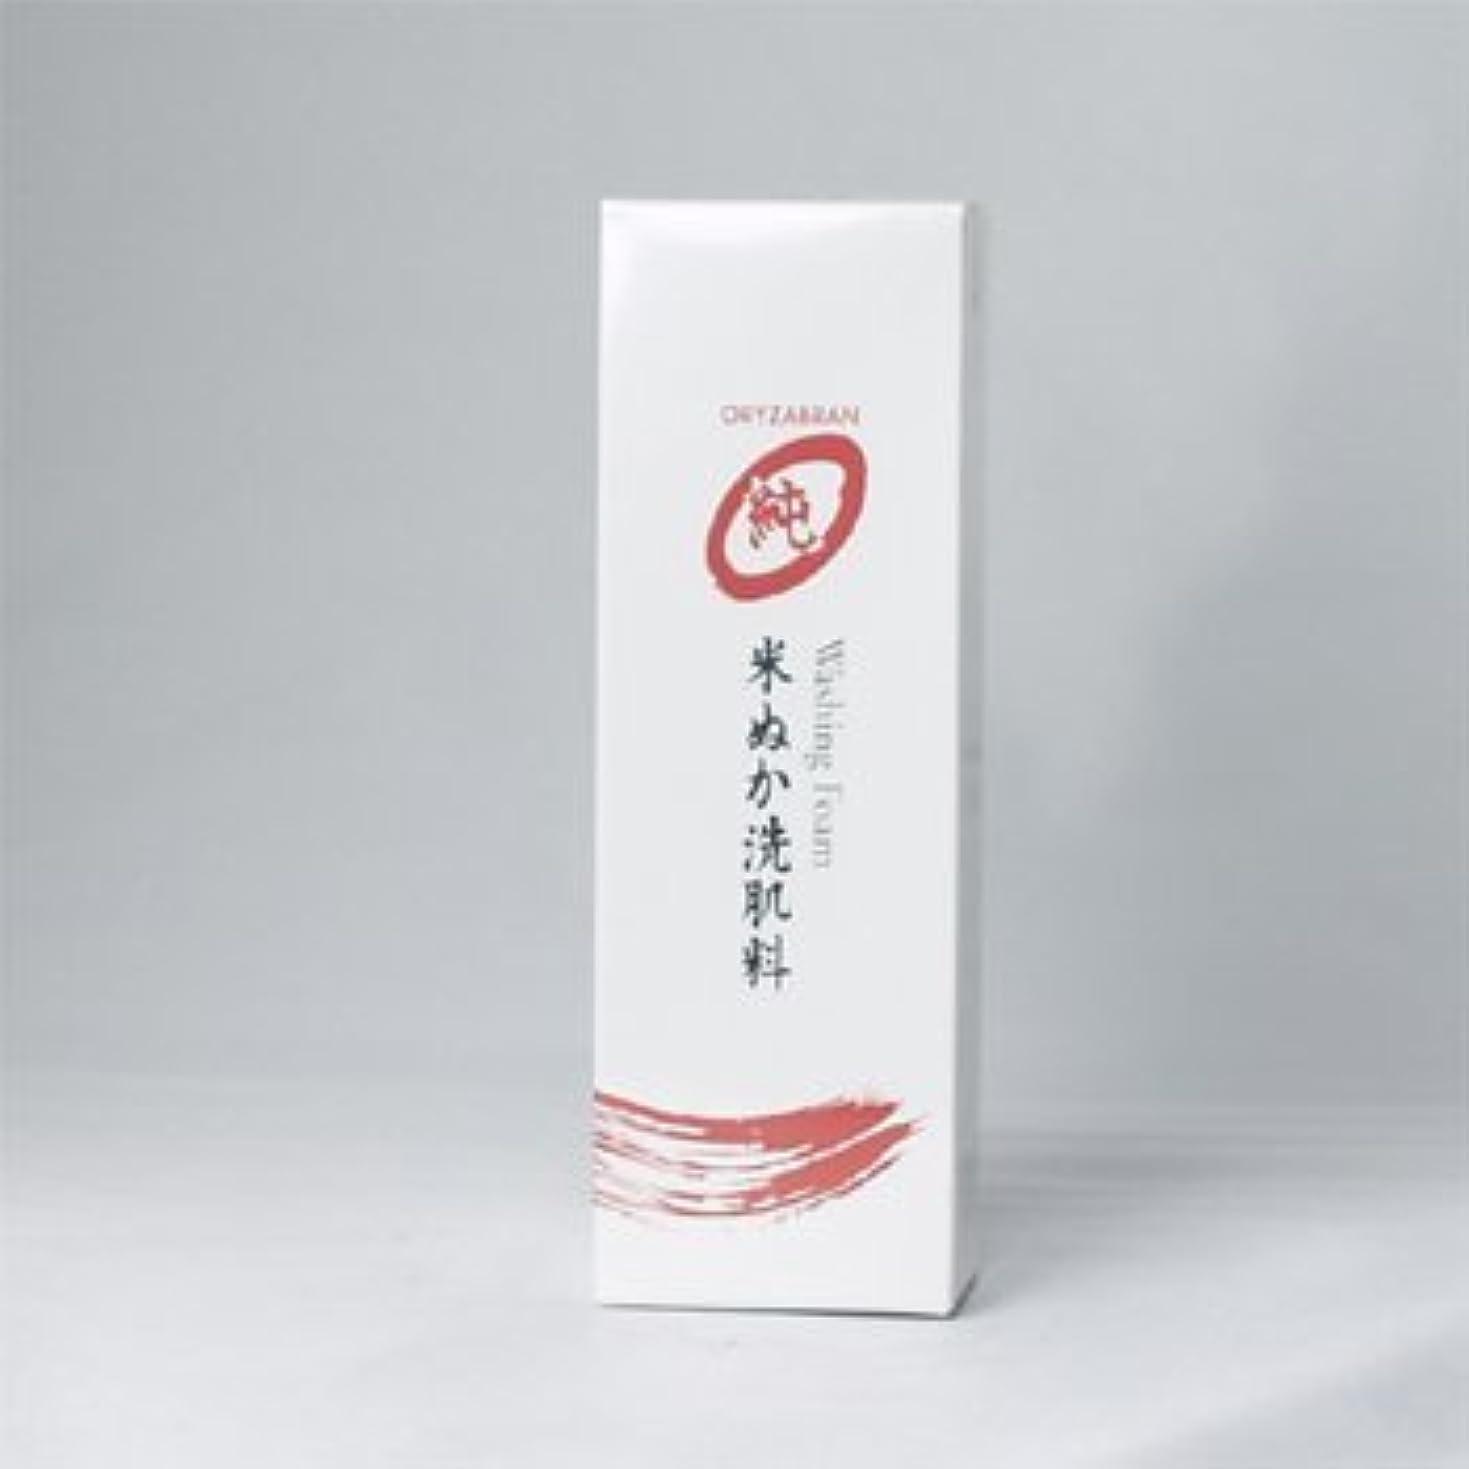 オーバーフローパテ感染するオリザ純 ウォッシングフォーム(米ぬか洗肌料)100g x3本セット